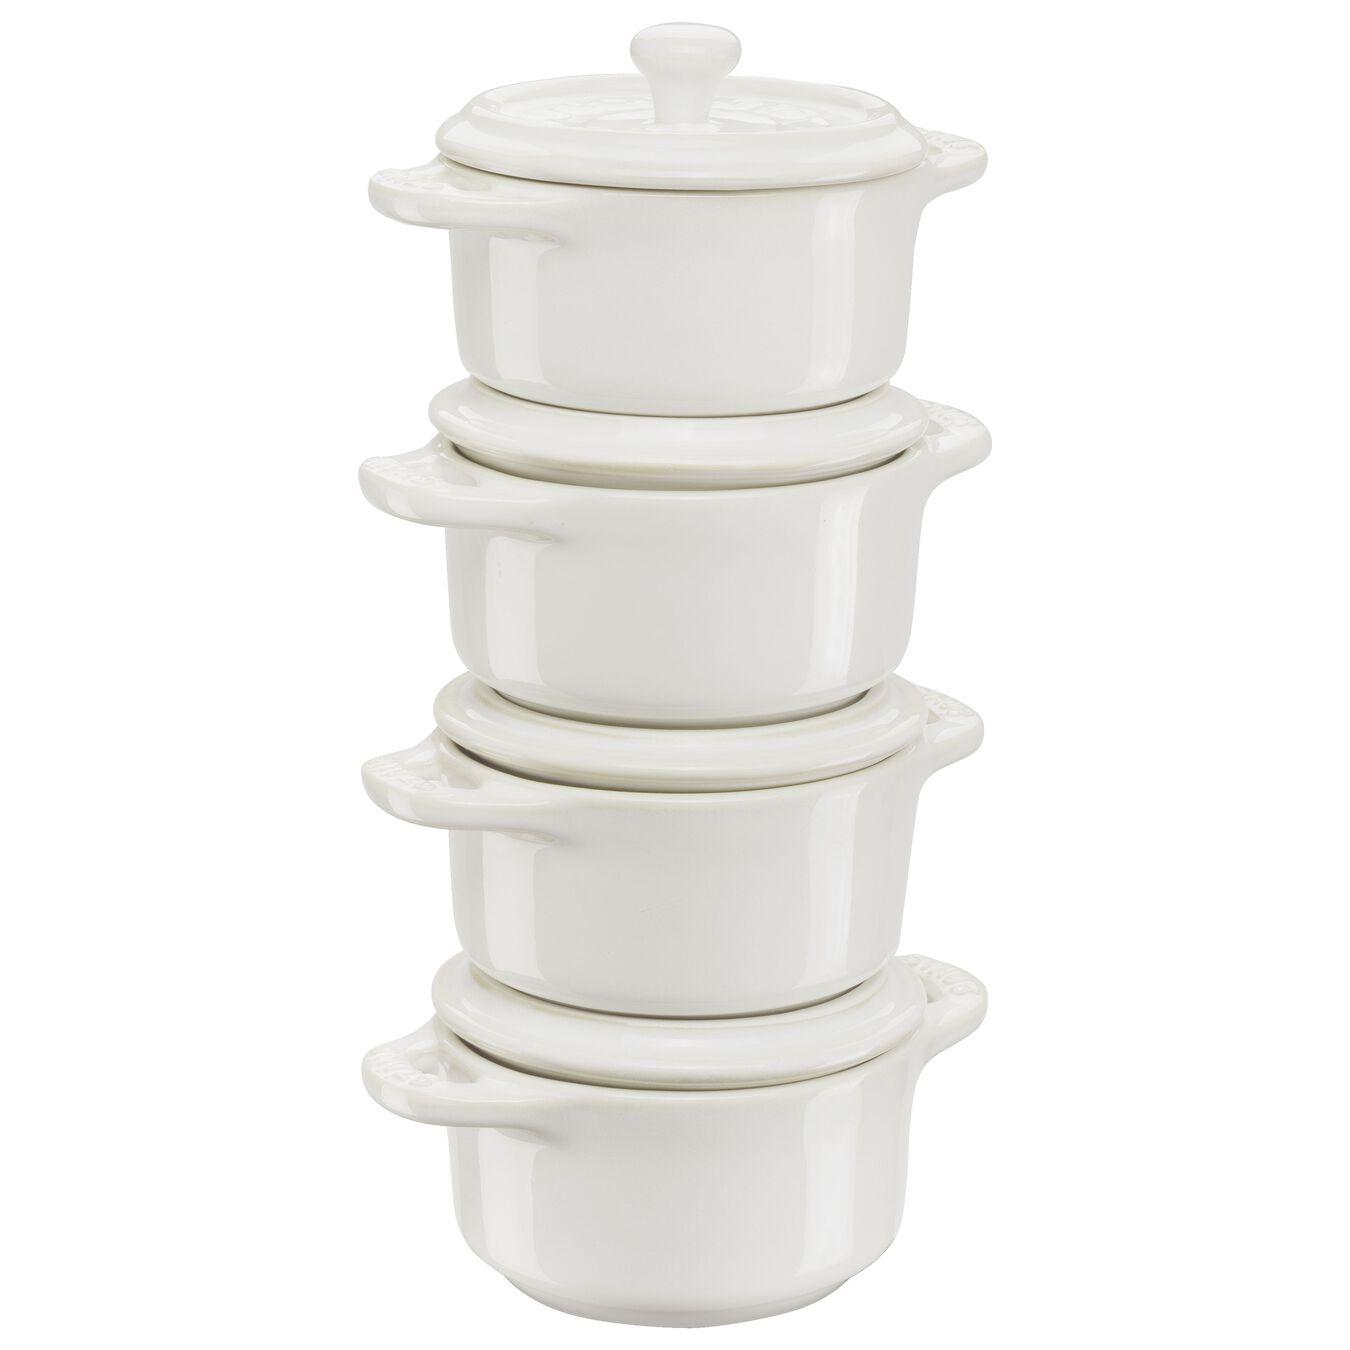 Ensemble de cocottes 4-pcs, Rond(e), Blanc ivoire, Céramique,,large 1